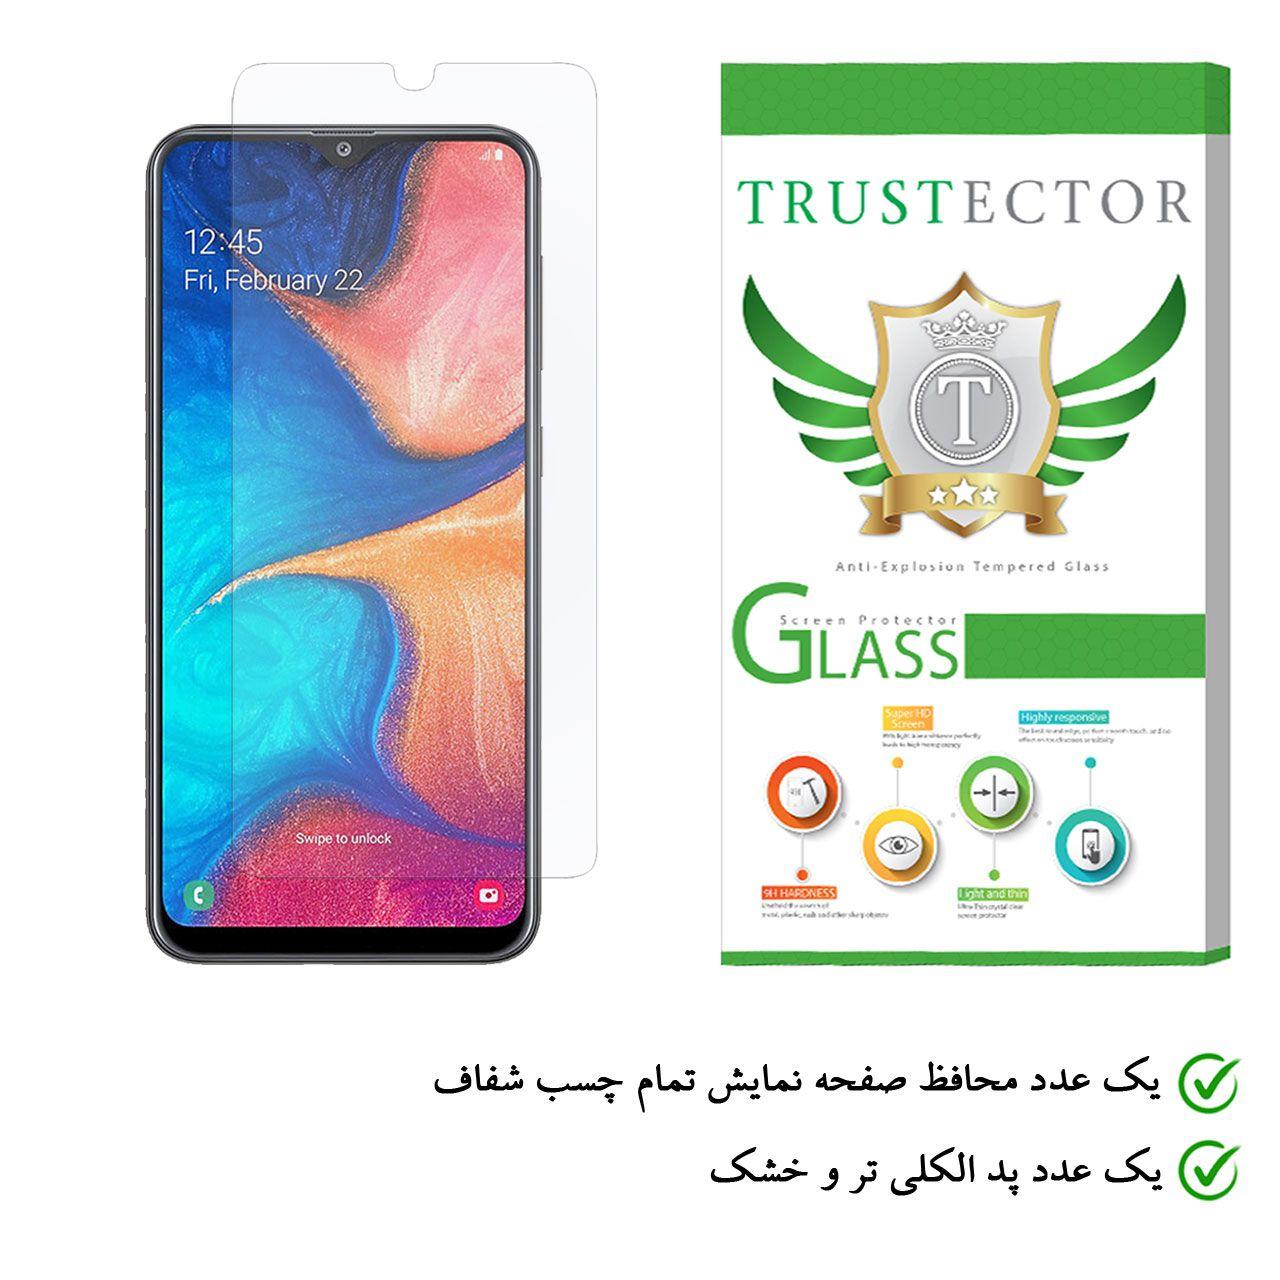 محافظ صفحه نمایش تراستکتور مدل GLS مناسب برای گوشی موبایل سامسونگ Galaxy A20 main 1 3